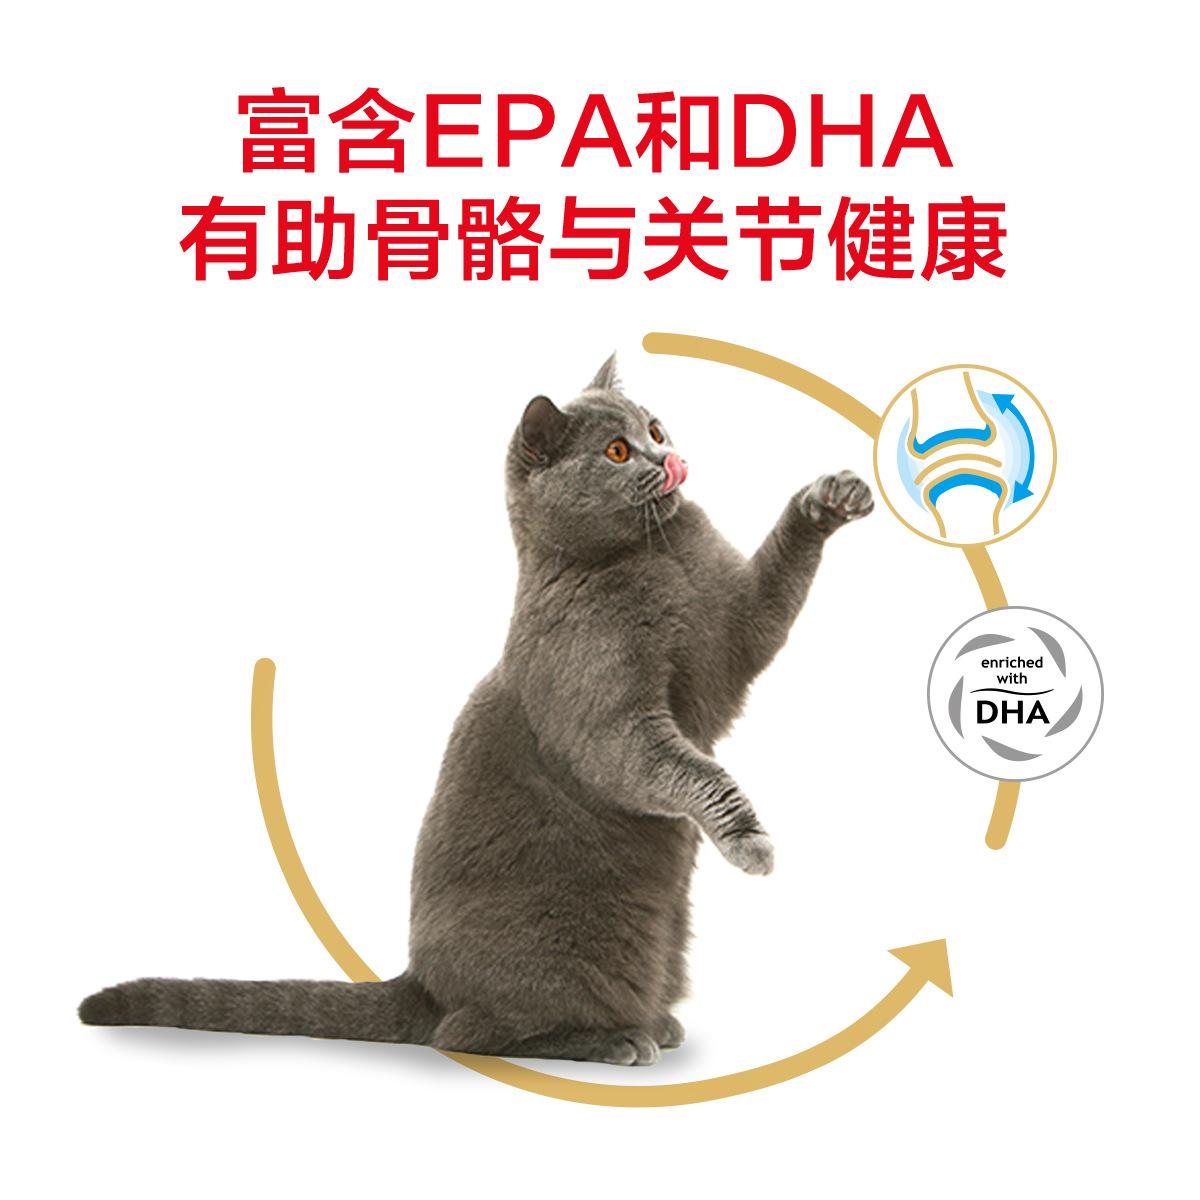 皇家BS34英短成猫粮2KG室内猫英国短毛蓝猫专用营养增肥发腮优惠券